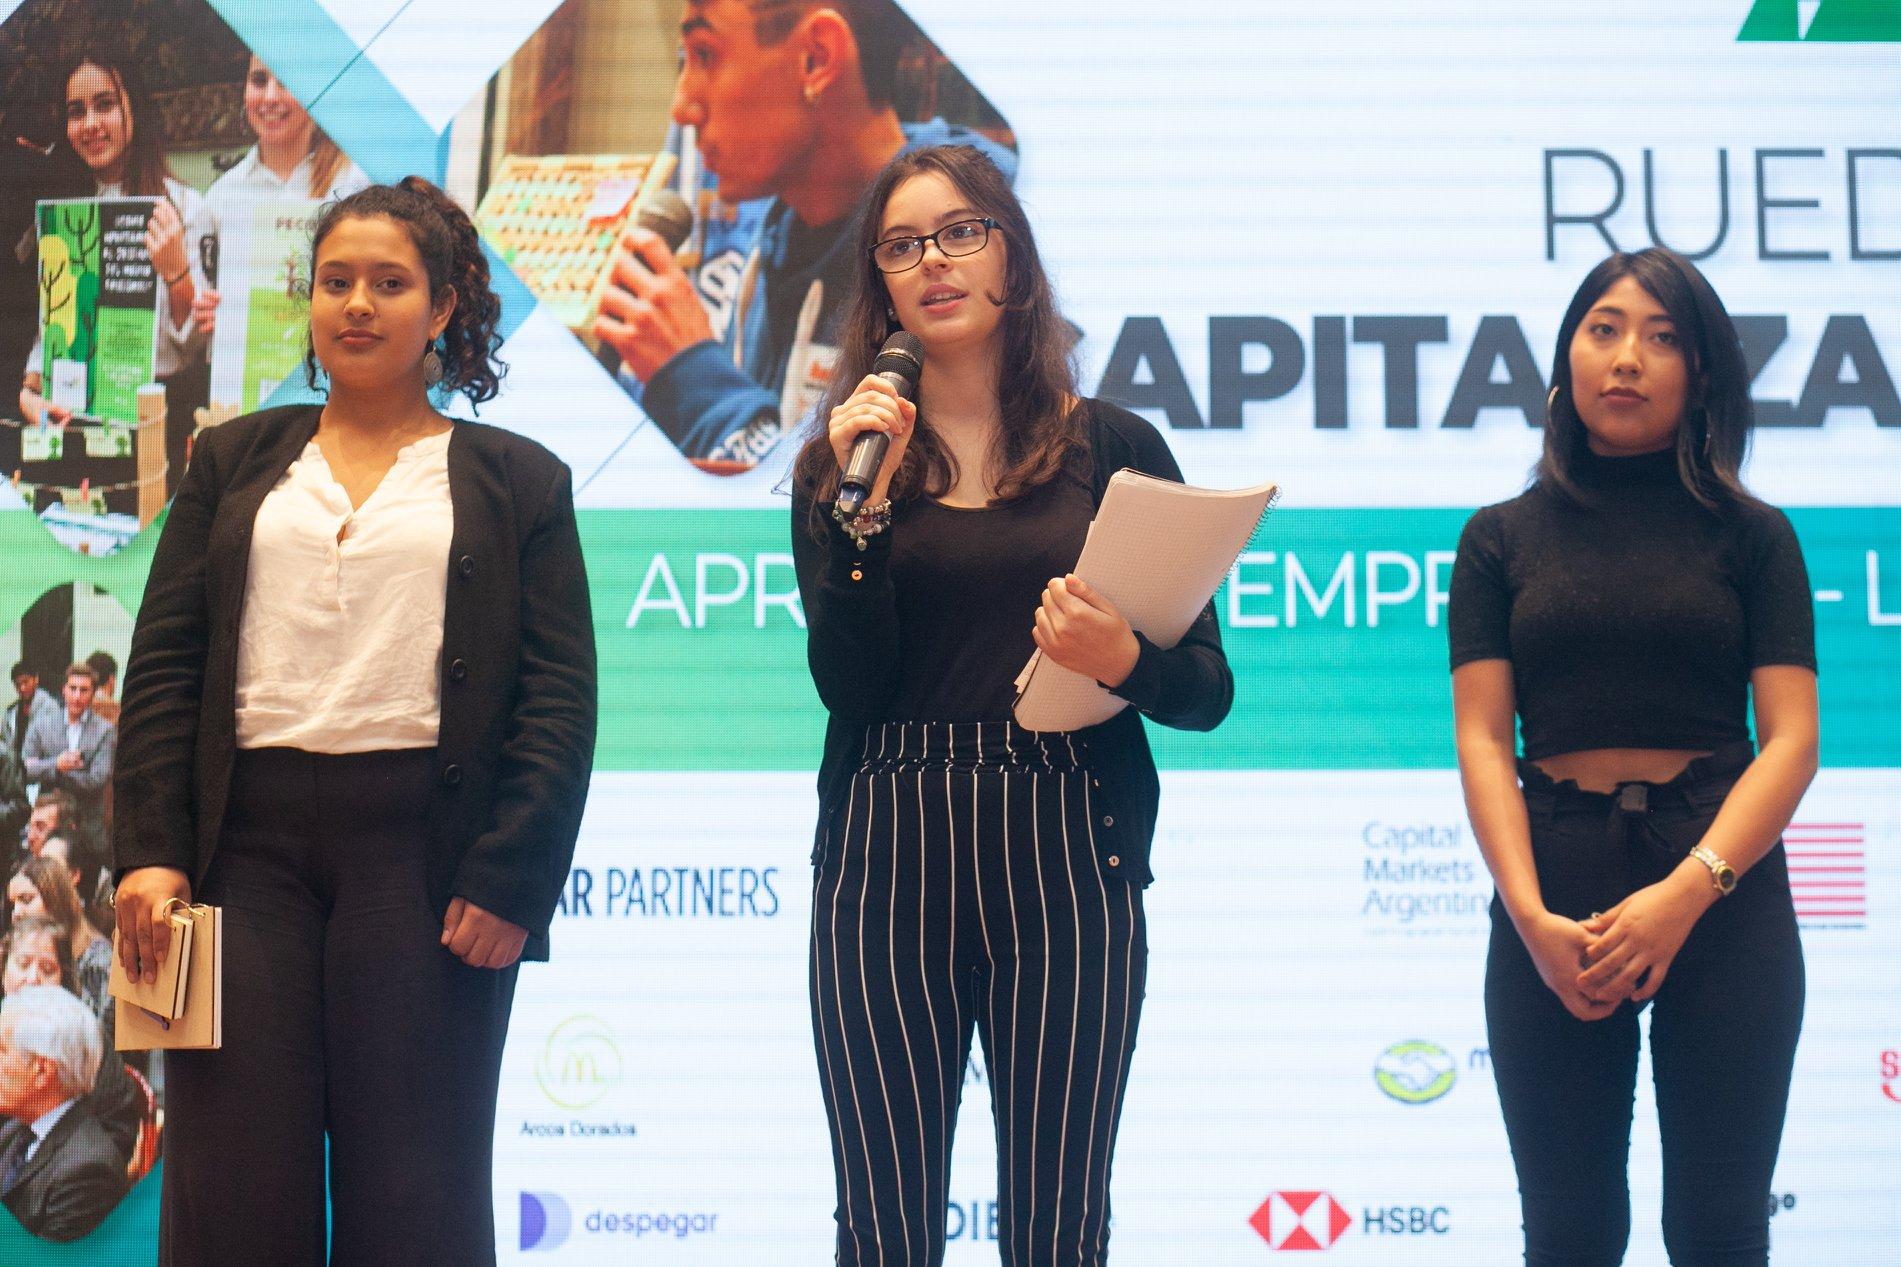 Rueda de Capitalización 2019